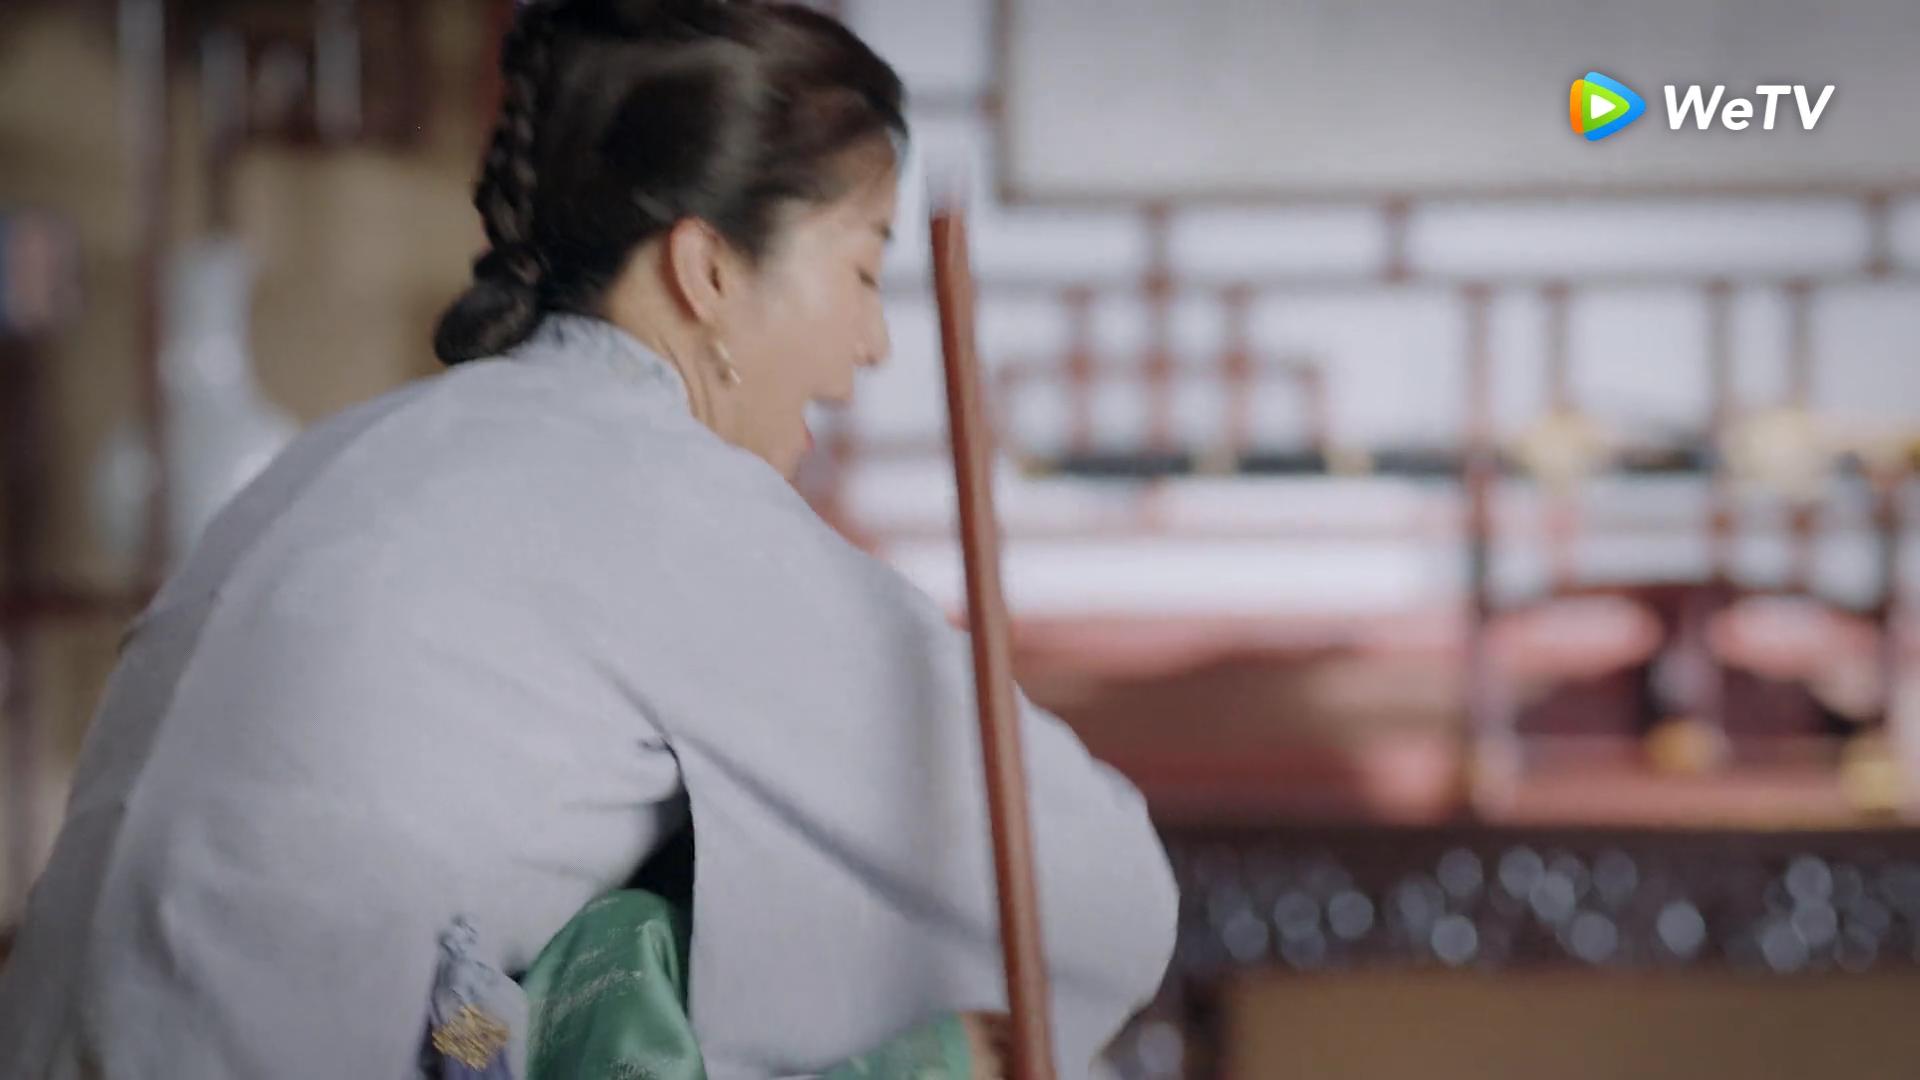 Chung Hán Lương công khai dẫn con riêng tin đồn về nhà, bị trà xanh hại suýt thiệt mạng ở Cẩm Tâm Tựa Ngọc - Ảnh 6.